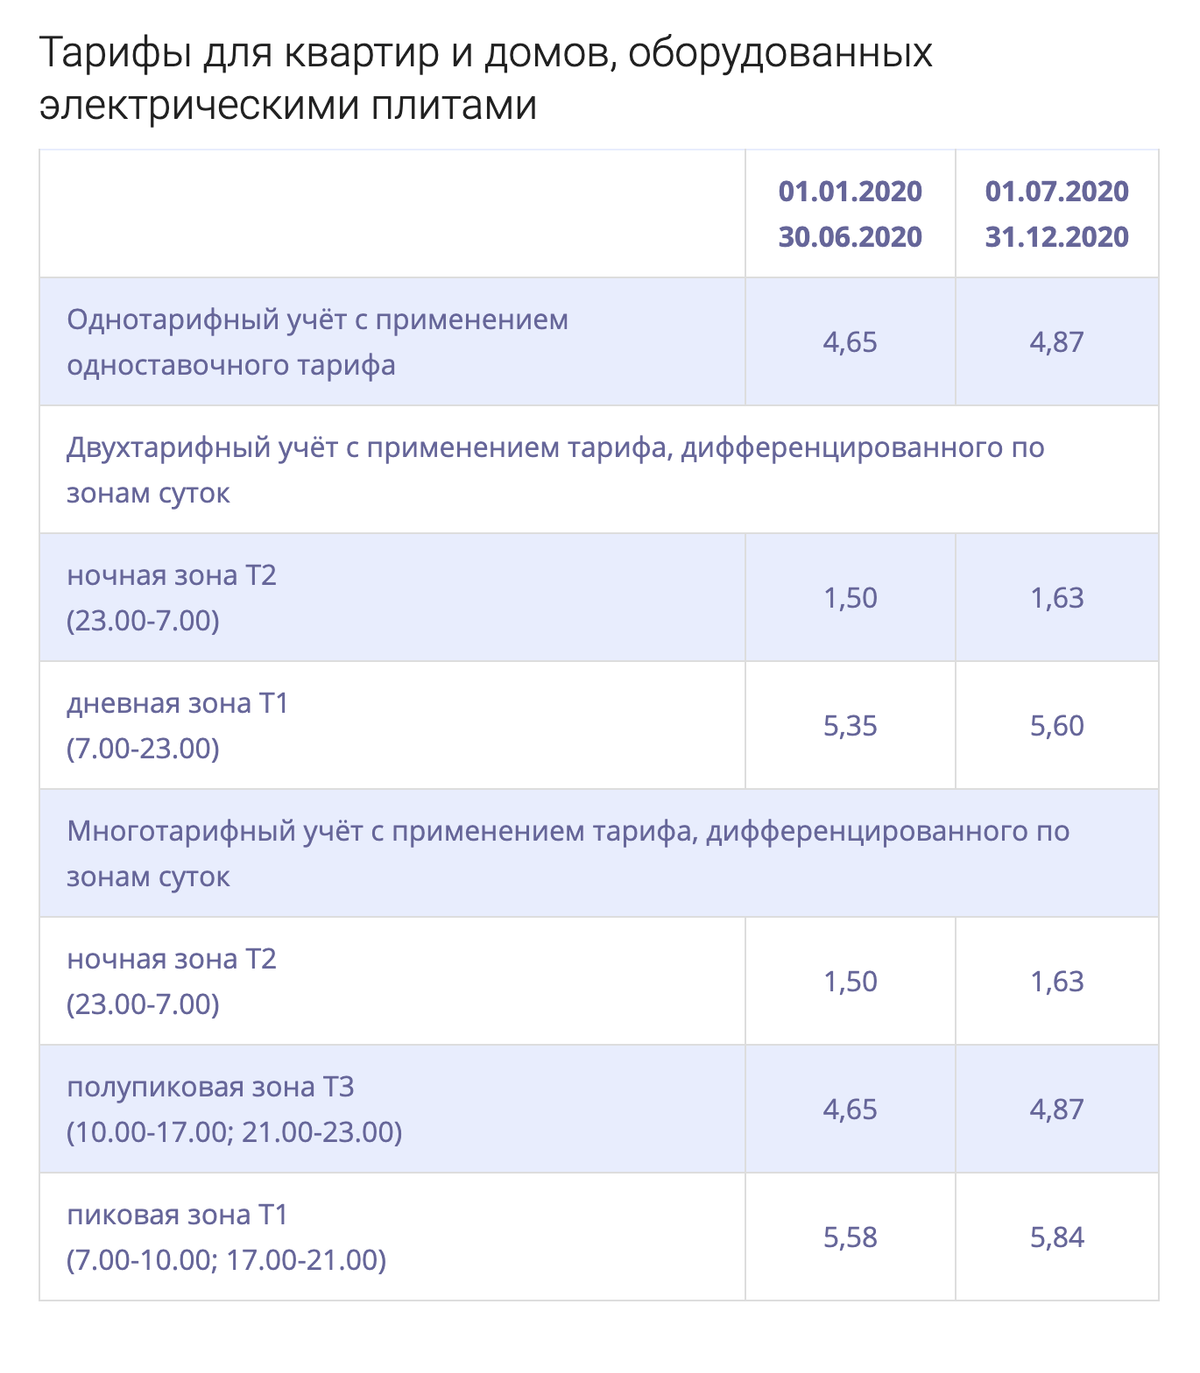 Тарифы для негазифицированных домов в Москве